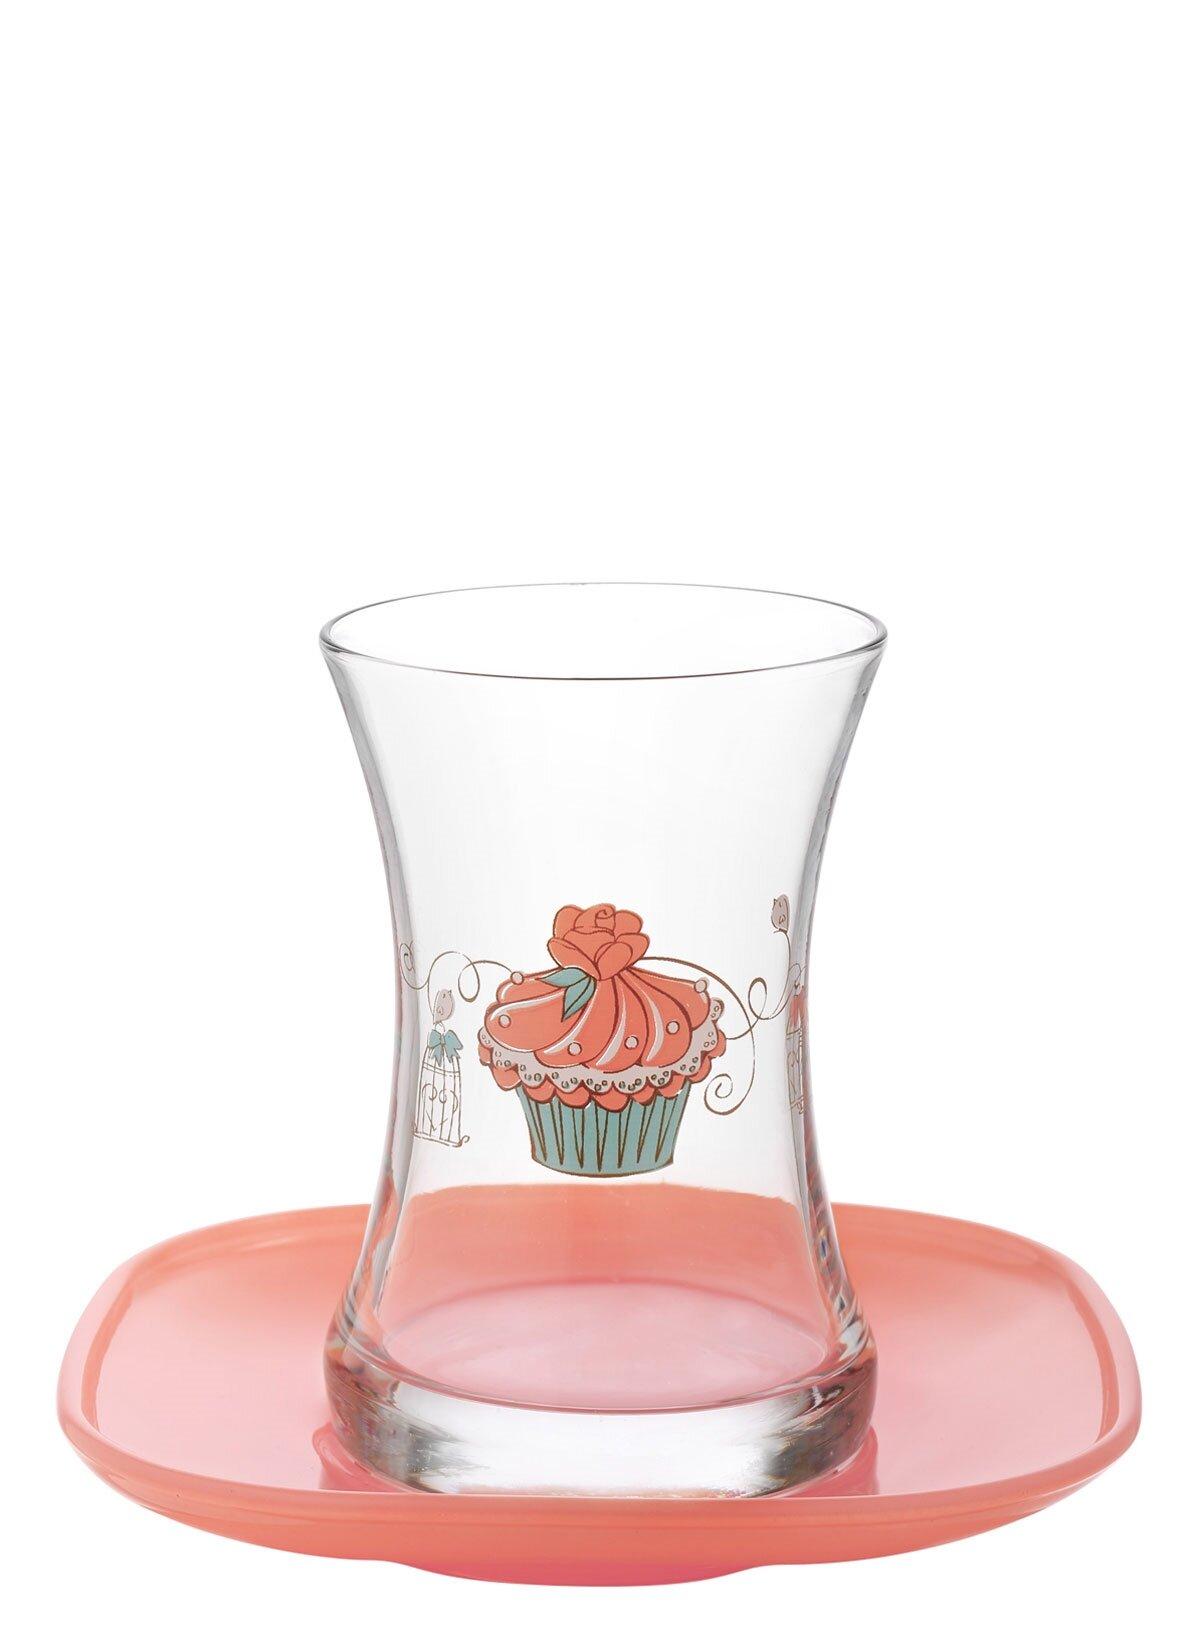 resm Cupcake